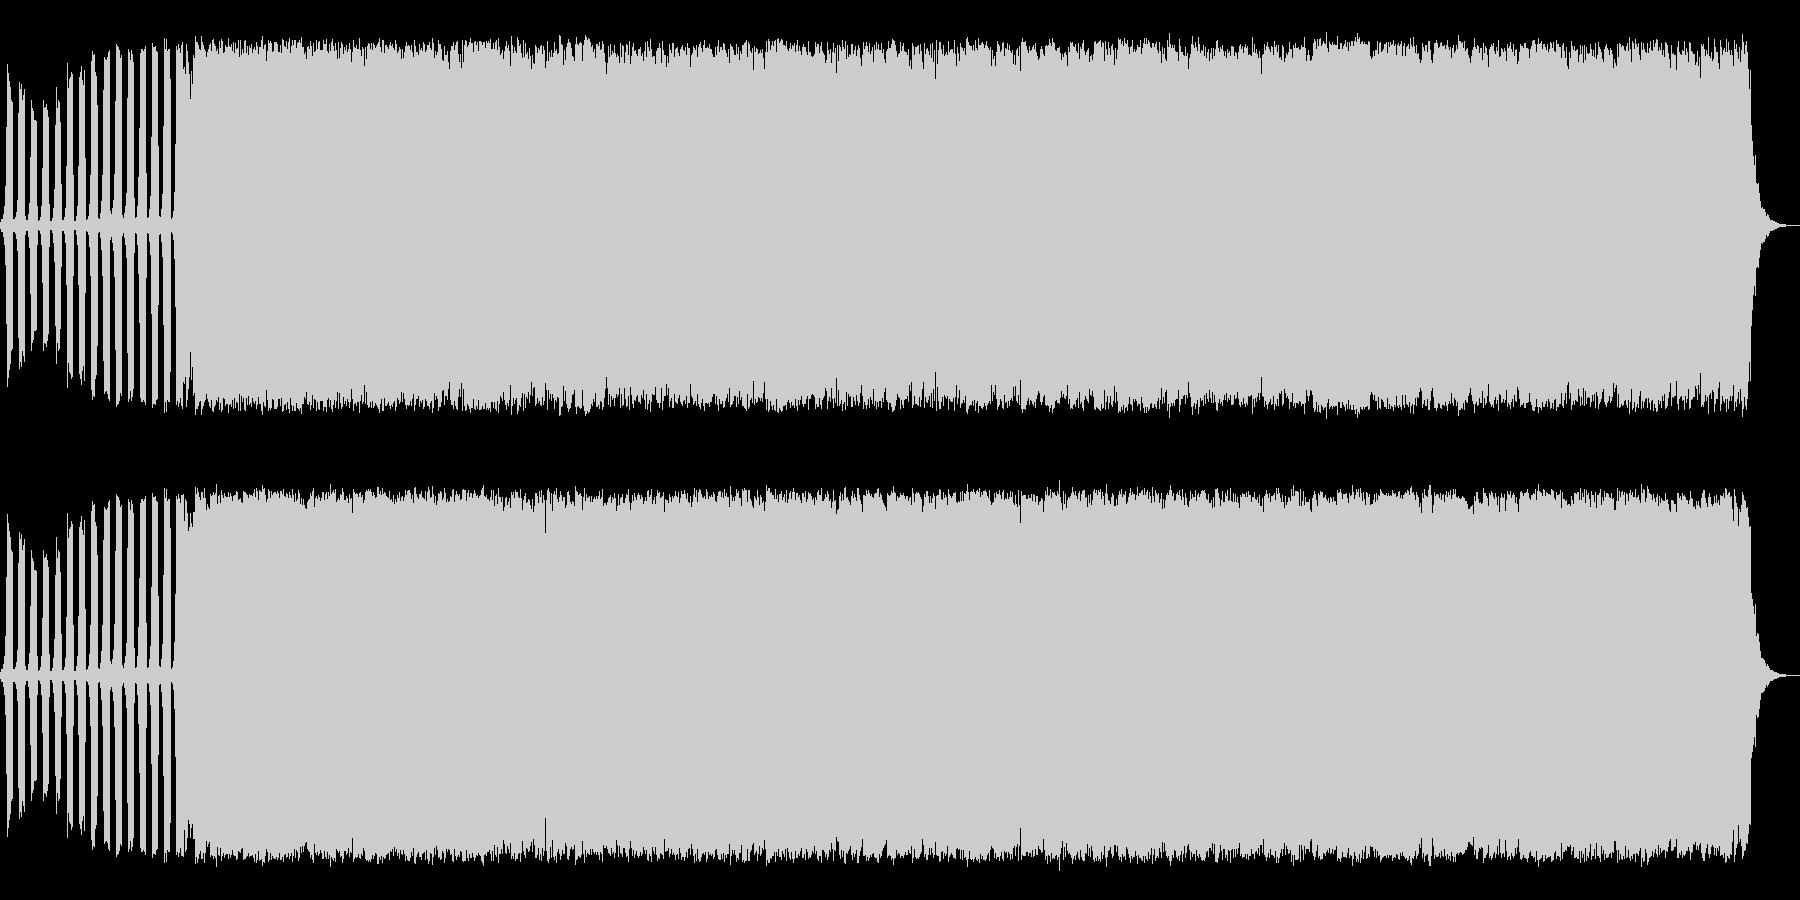 カッコいいギターサウンドが特徴の曲です。の未再生の波形